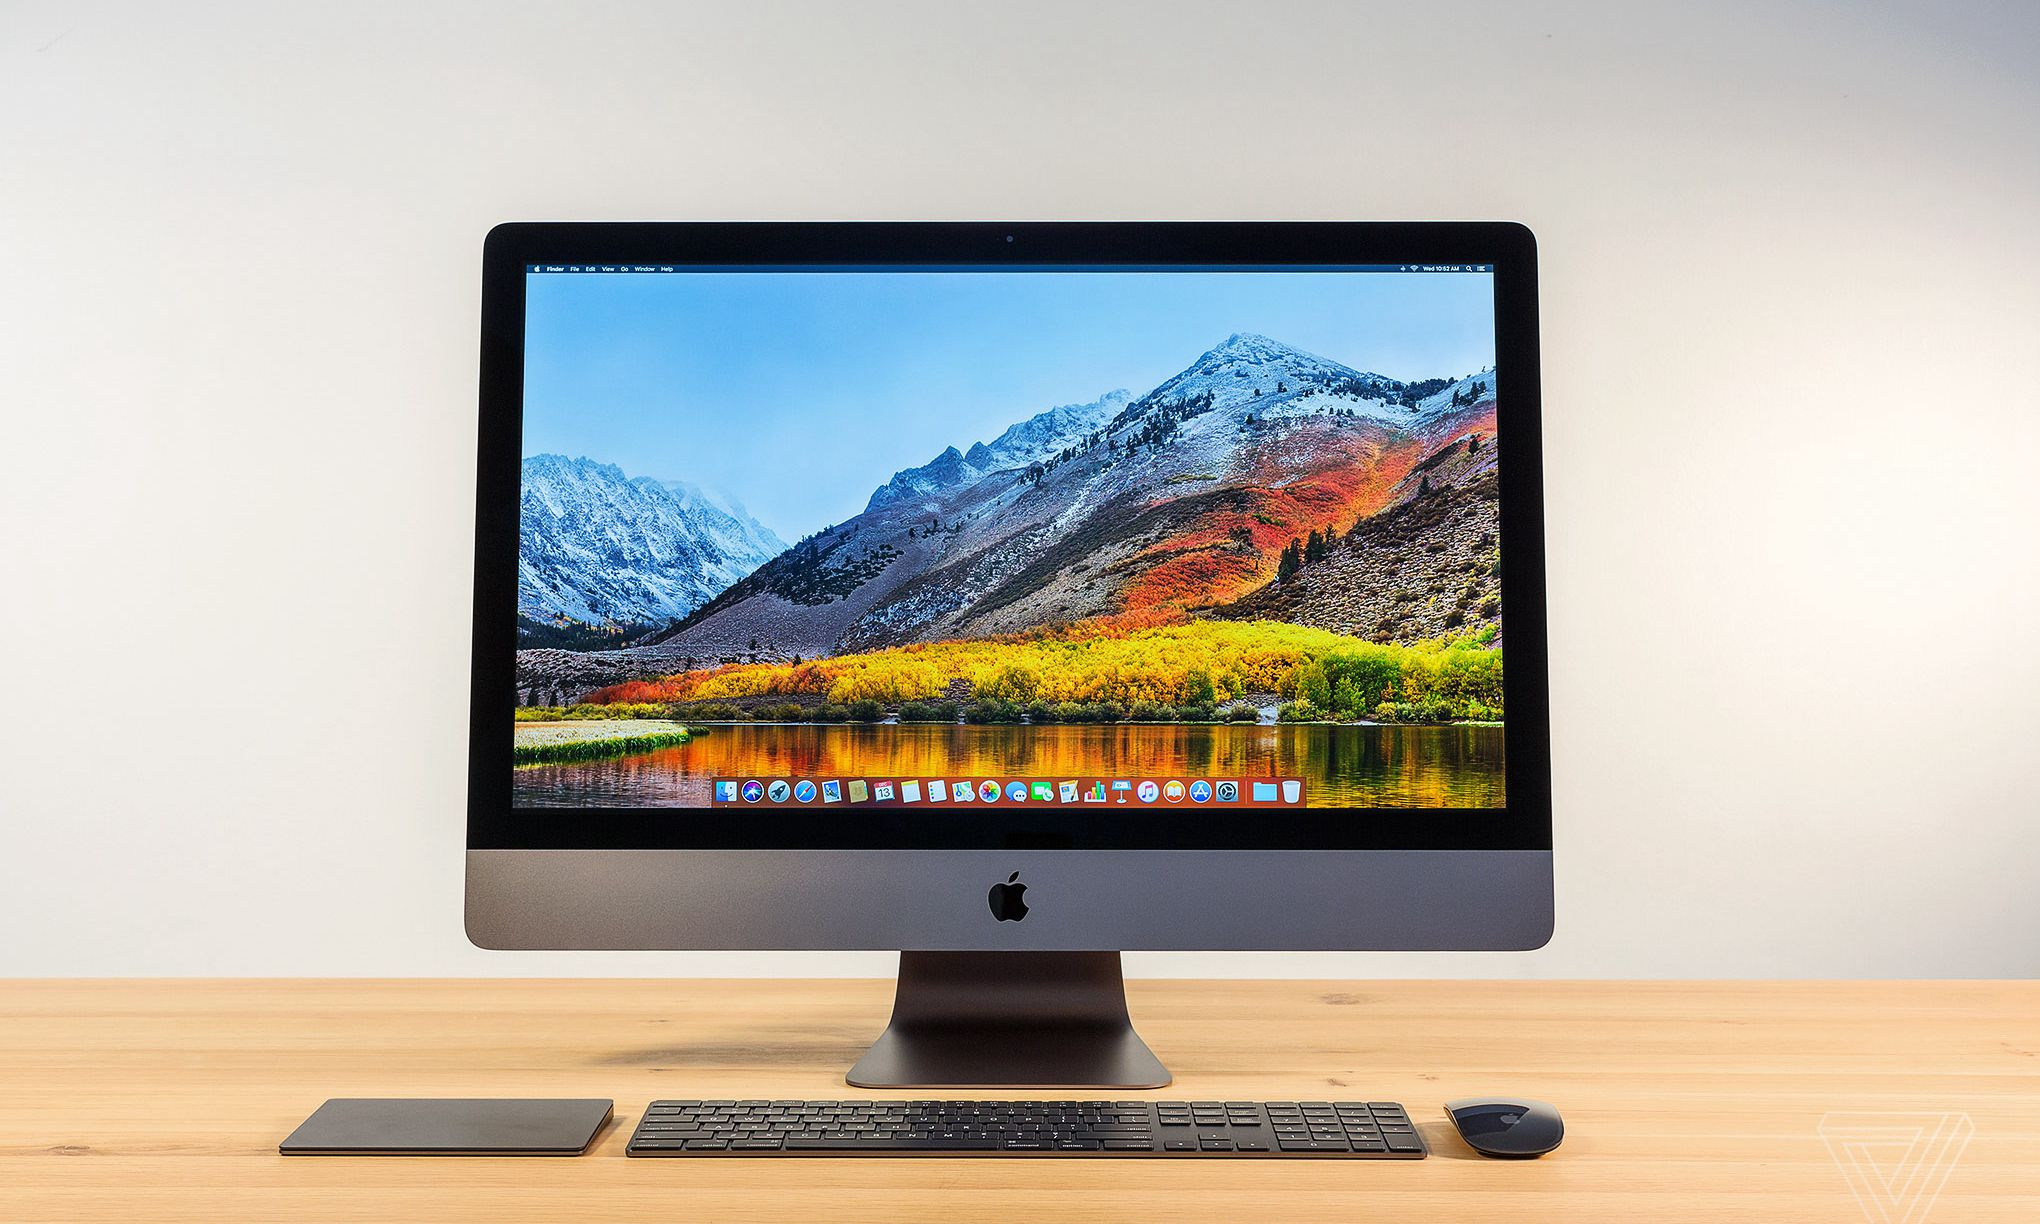 绝唱?Apple 将停产 iMac Pro